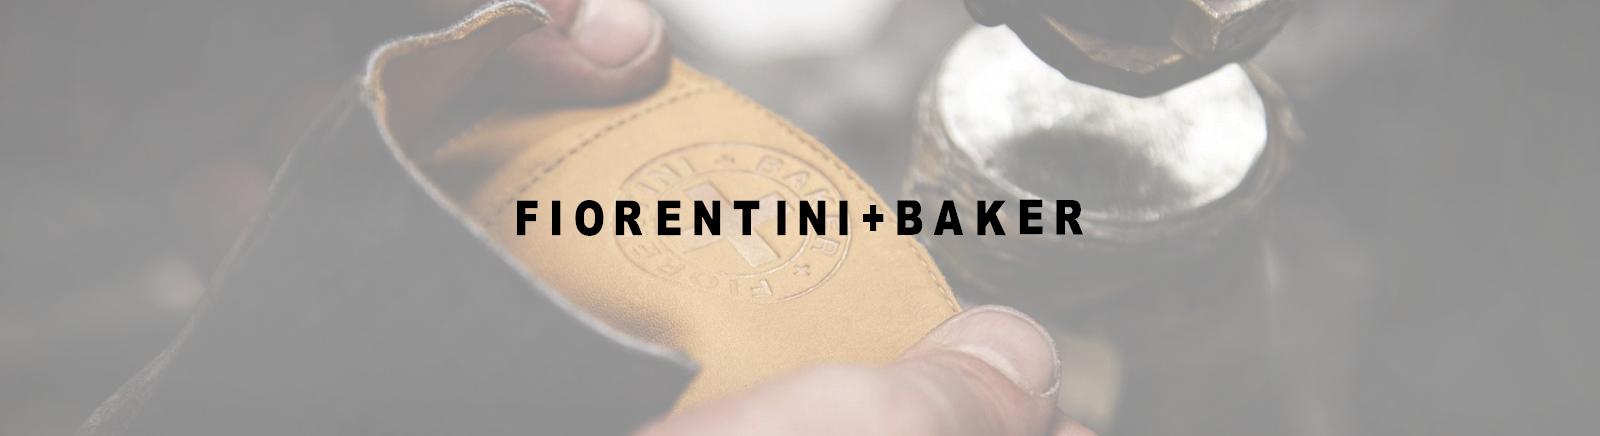 Fiorentini + Baker Damenschuhe online entdecken im Juppen Shop